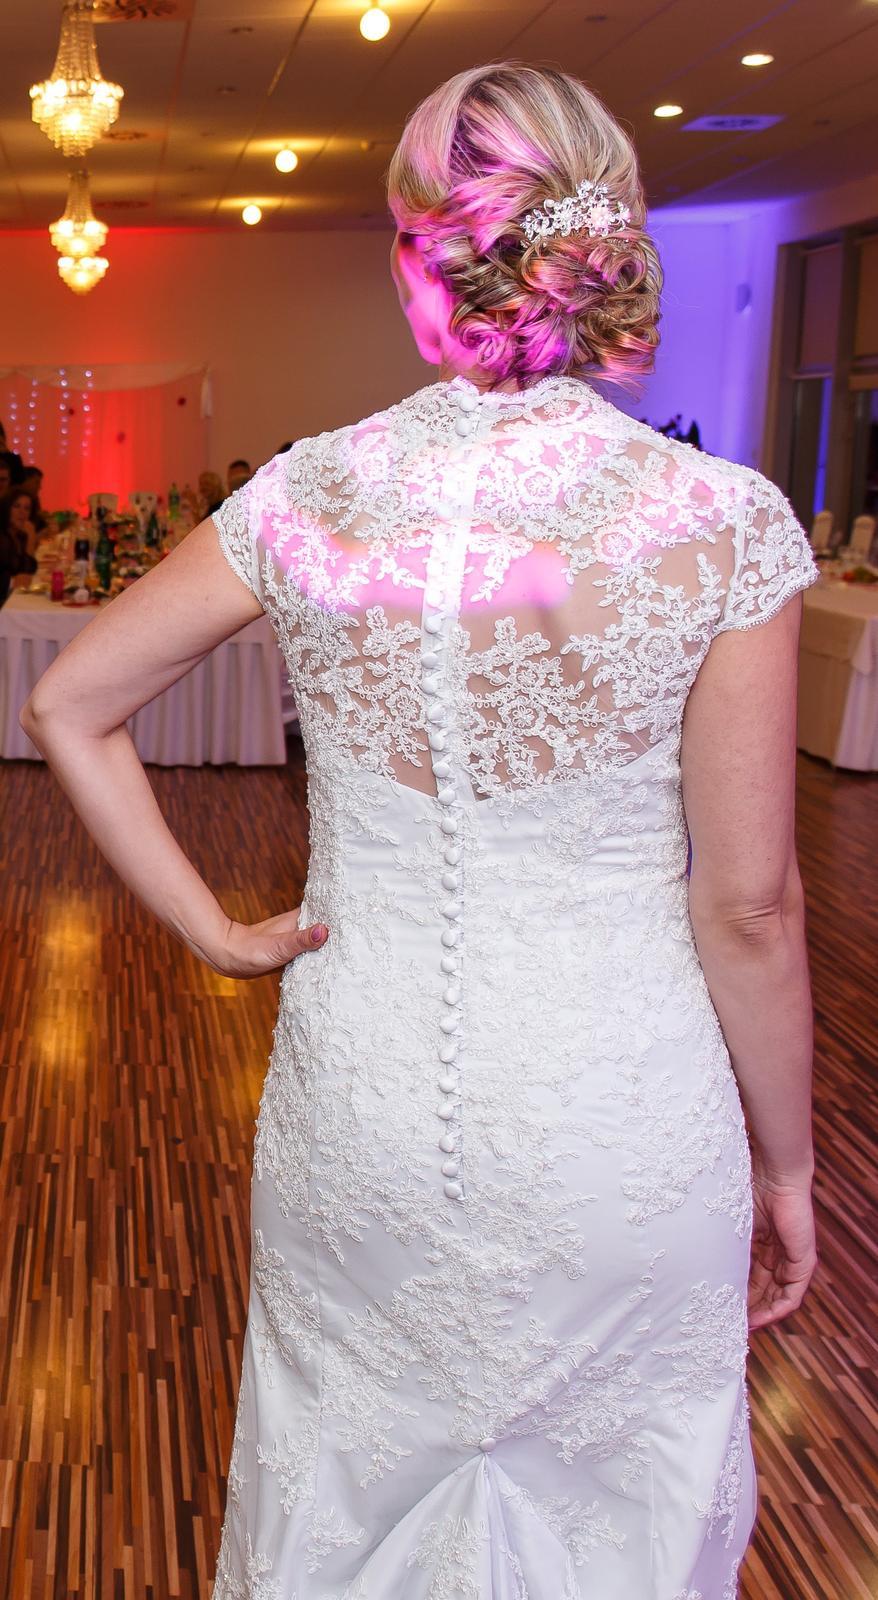 Svadobné šaty čipkované veľkosť 40-42 - Obrázok č. 3